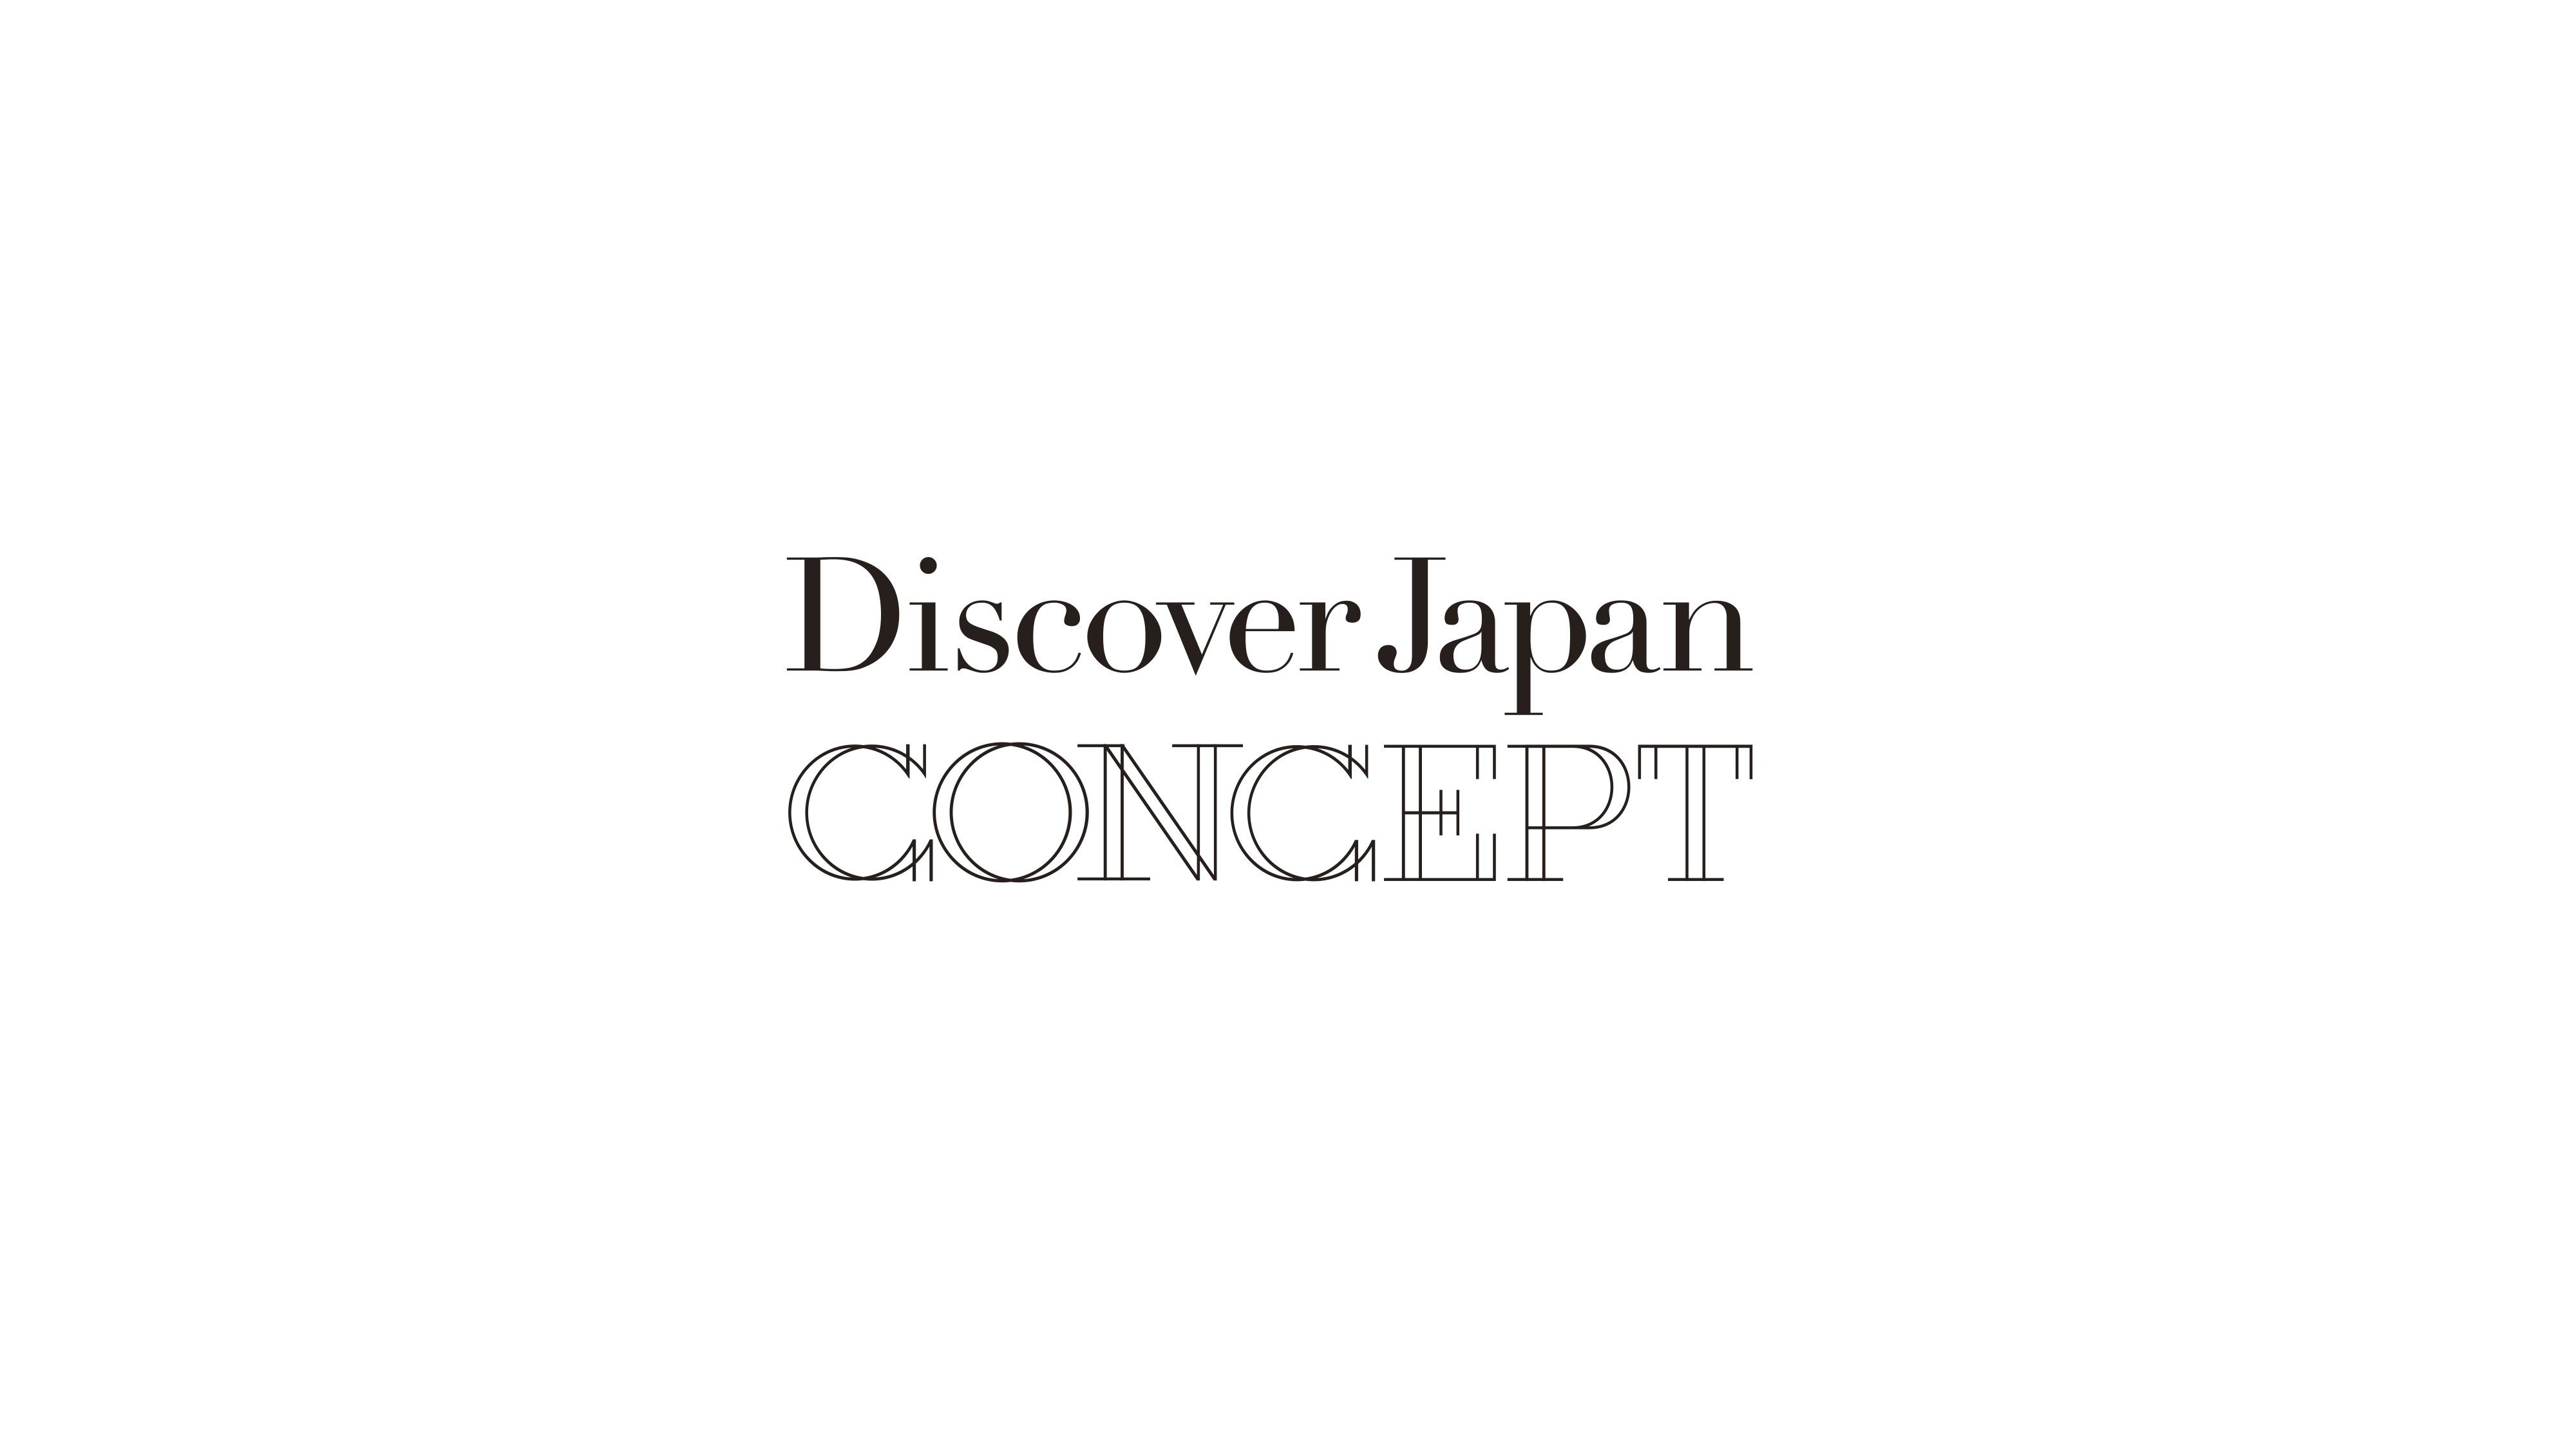 ディスカバー・ジャパン×電通 | イノベーションを支援する「Discover Japan Concept」を開始